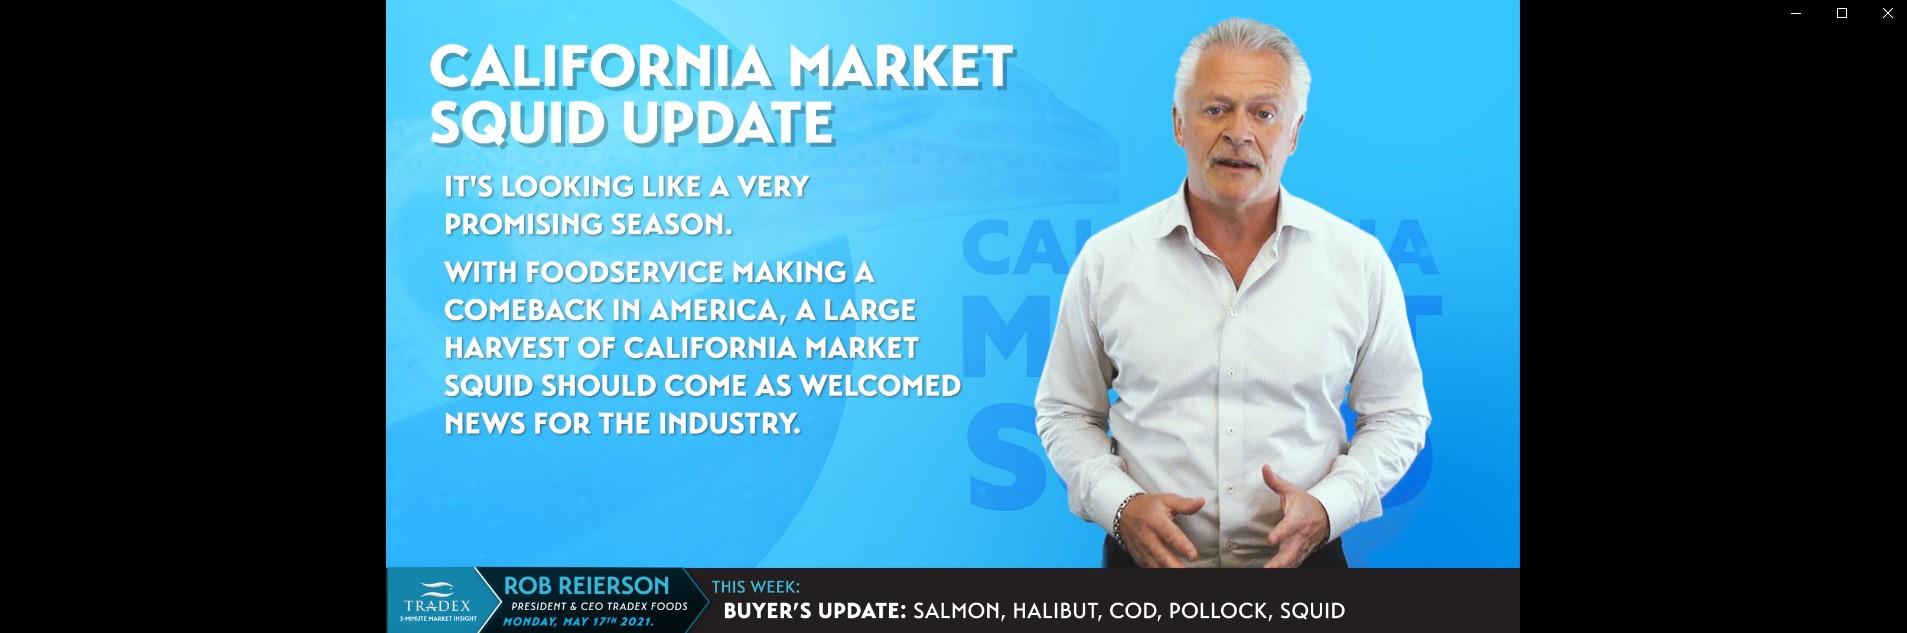 California Market Squid Update